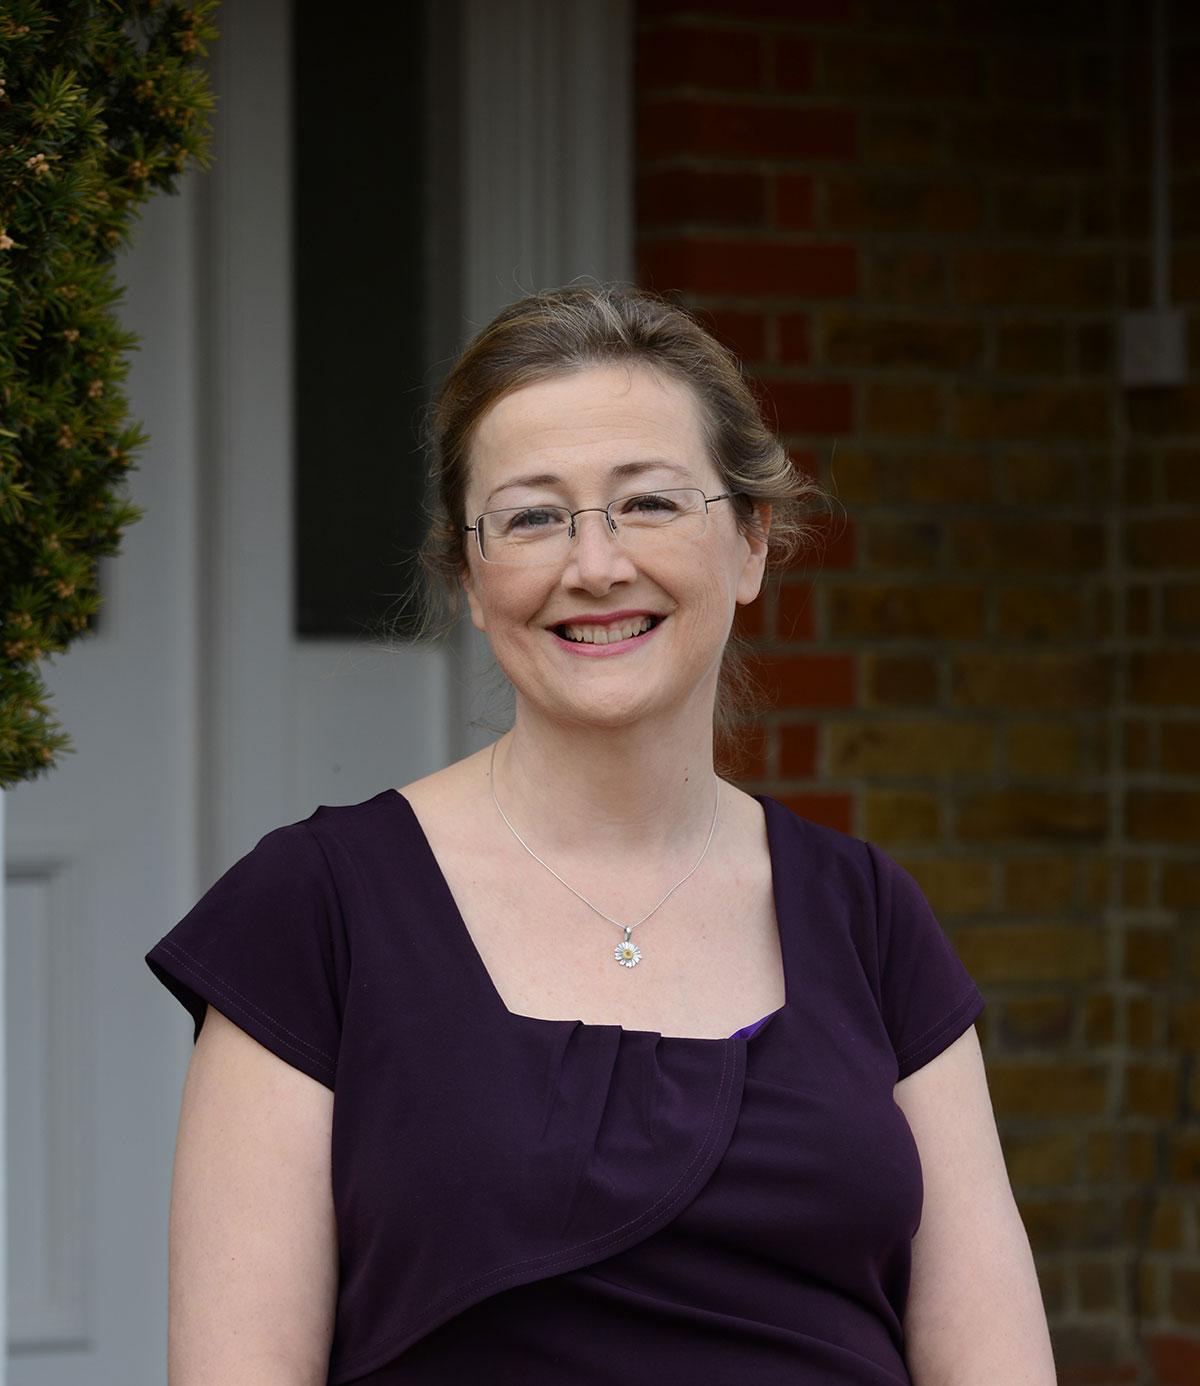 Vicky Smit - Head Teacher